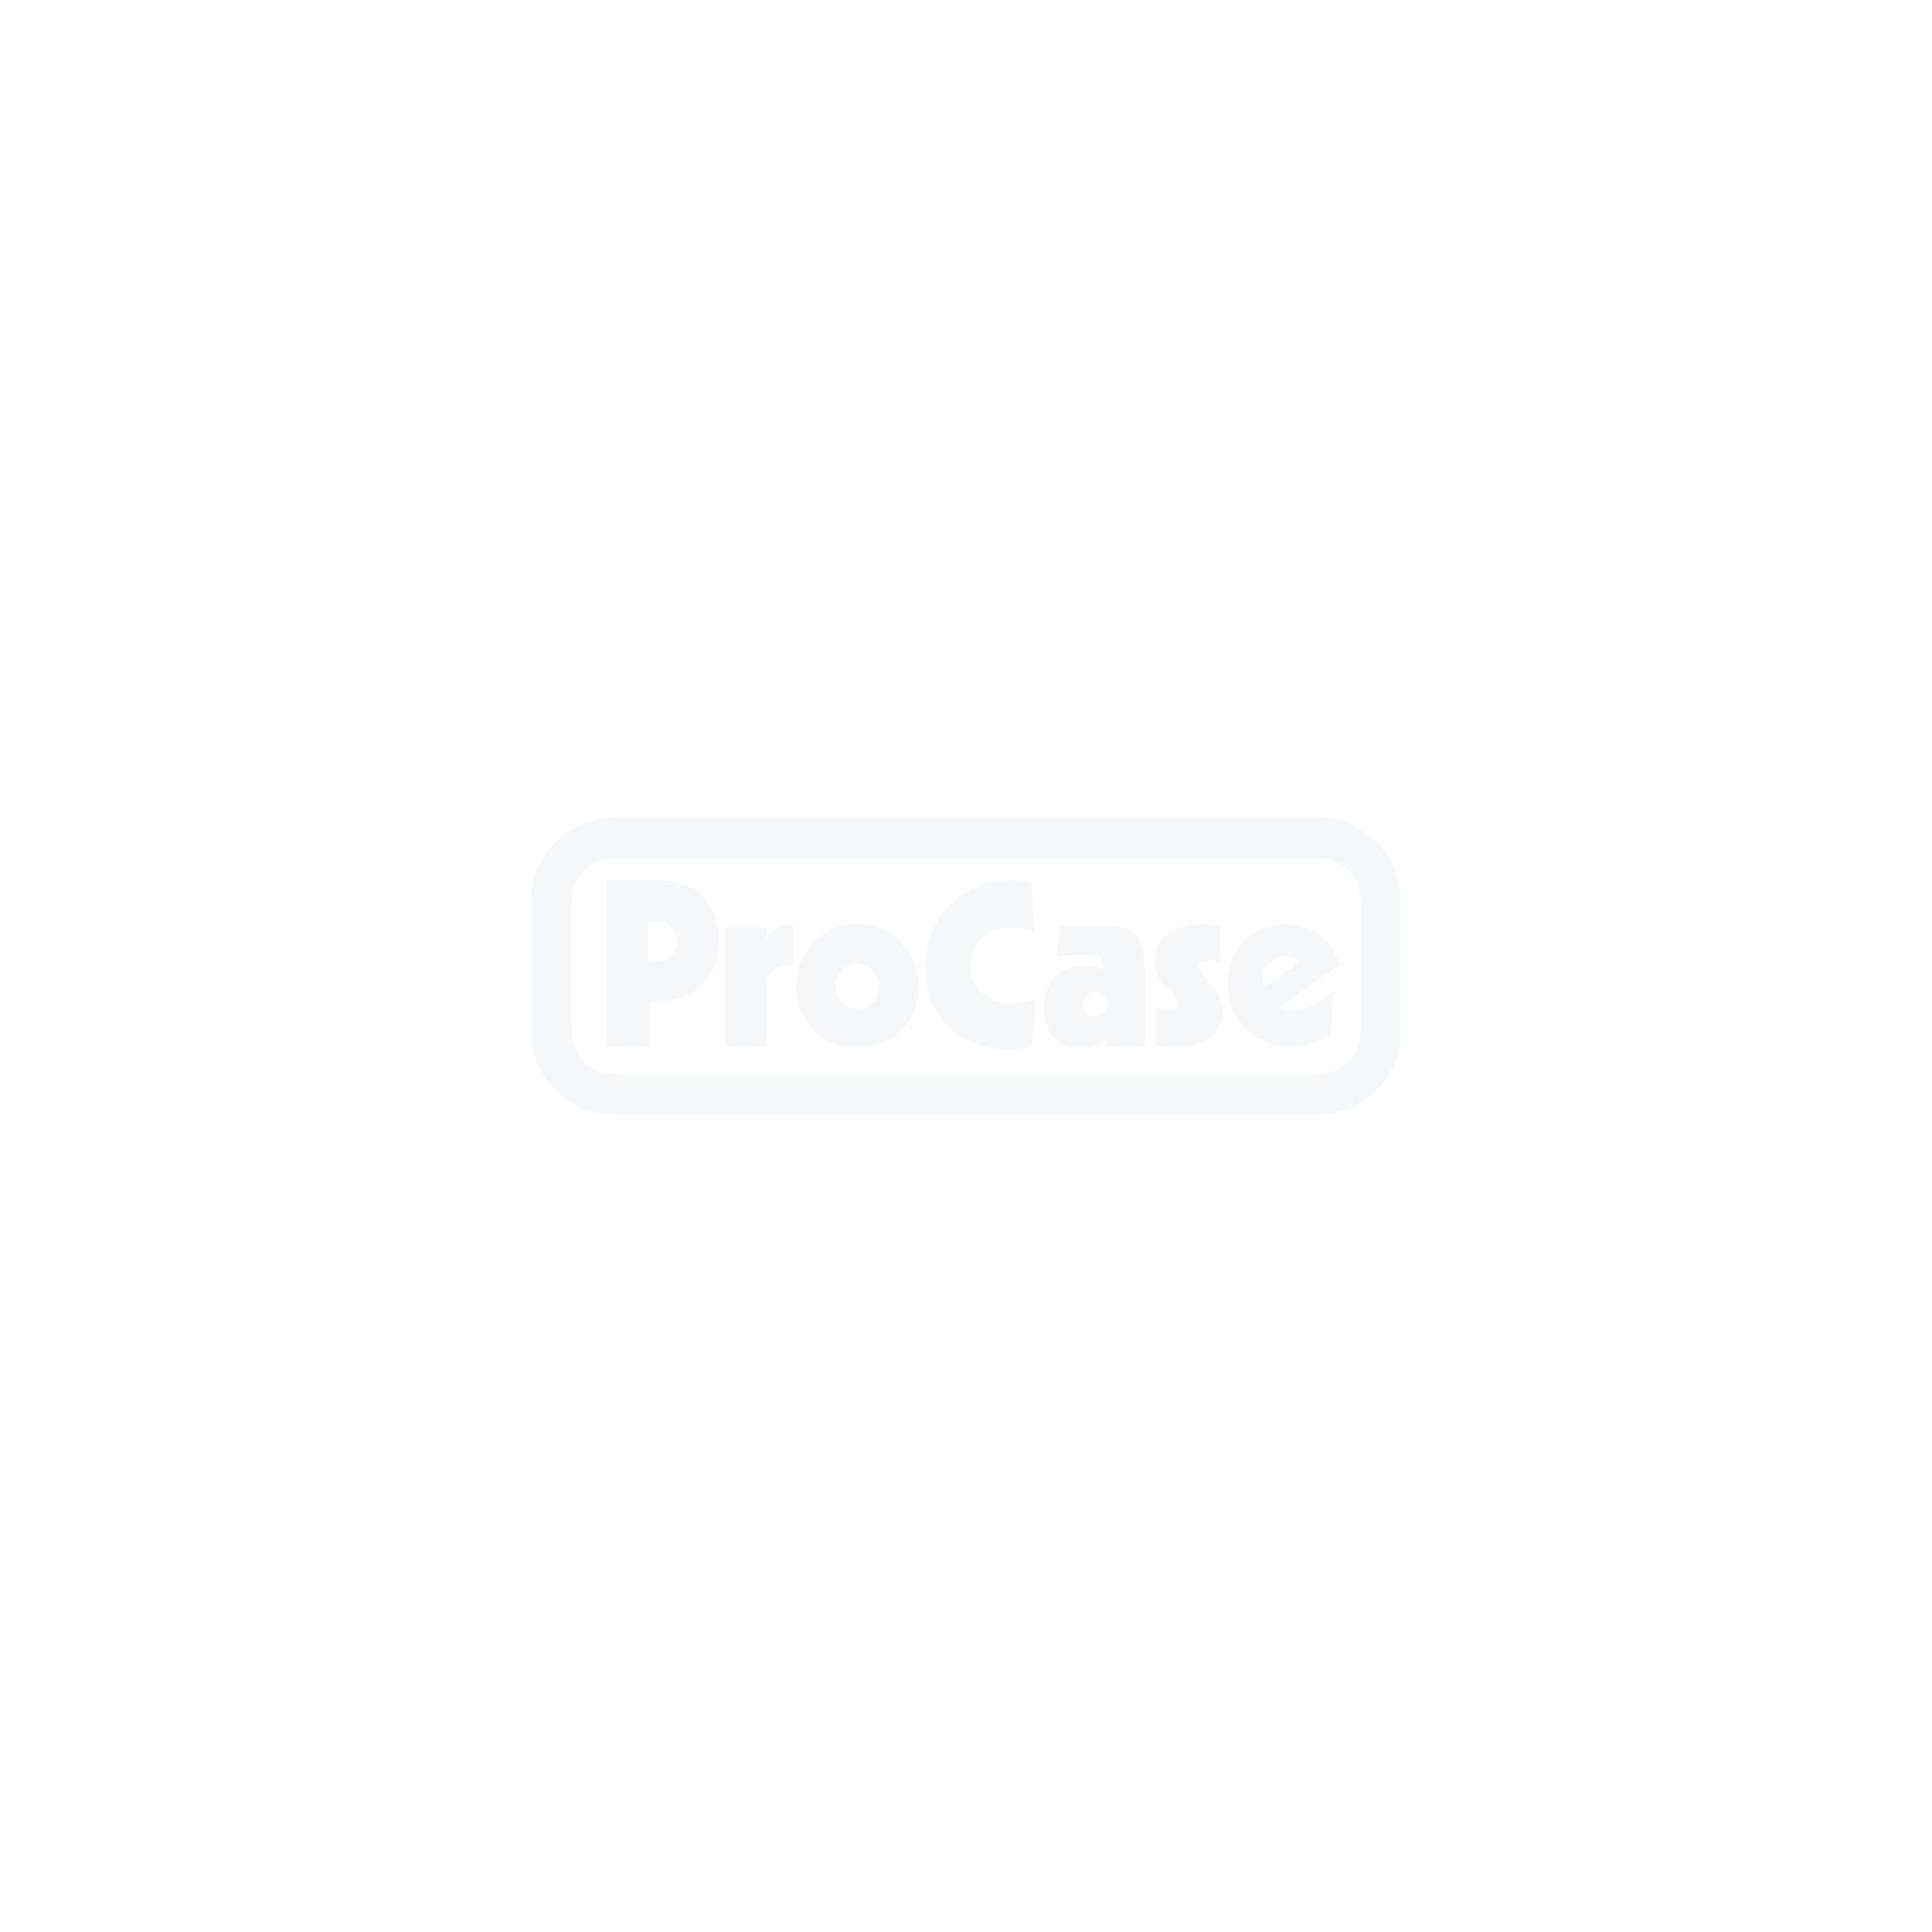 Einsatzkasten für Sprinter Vario-Flex 3